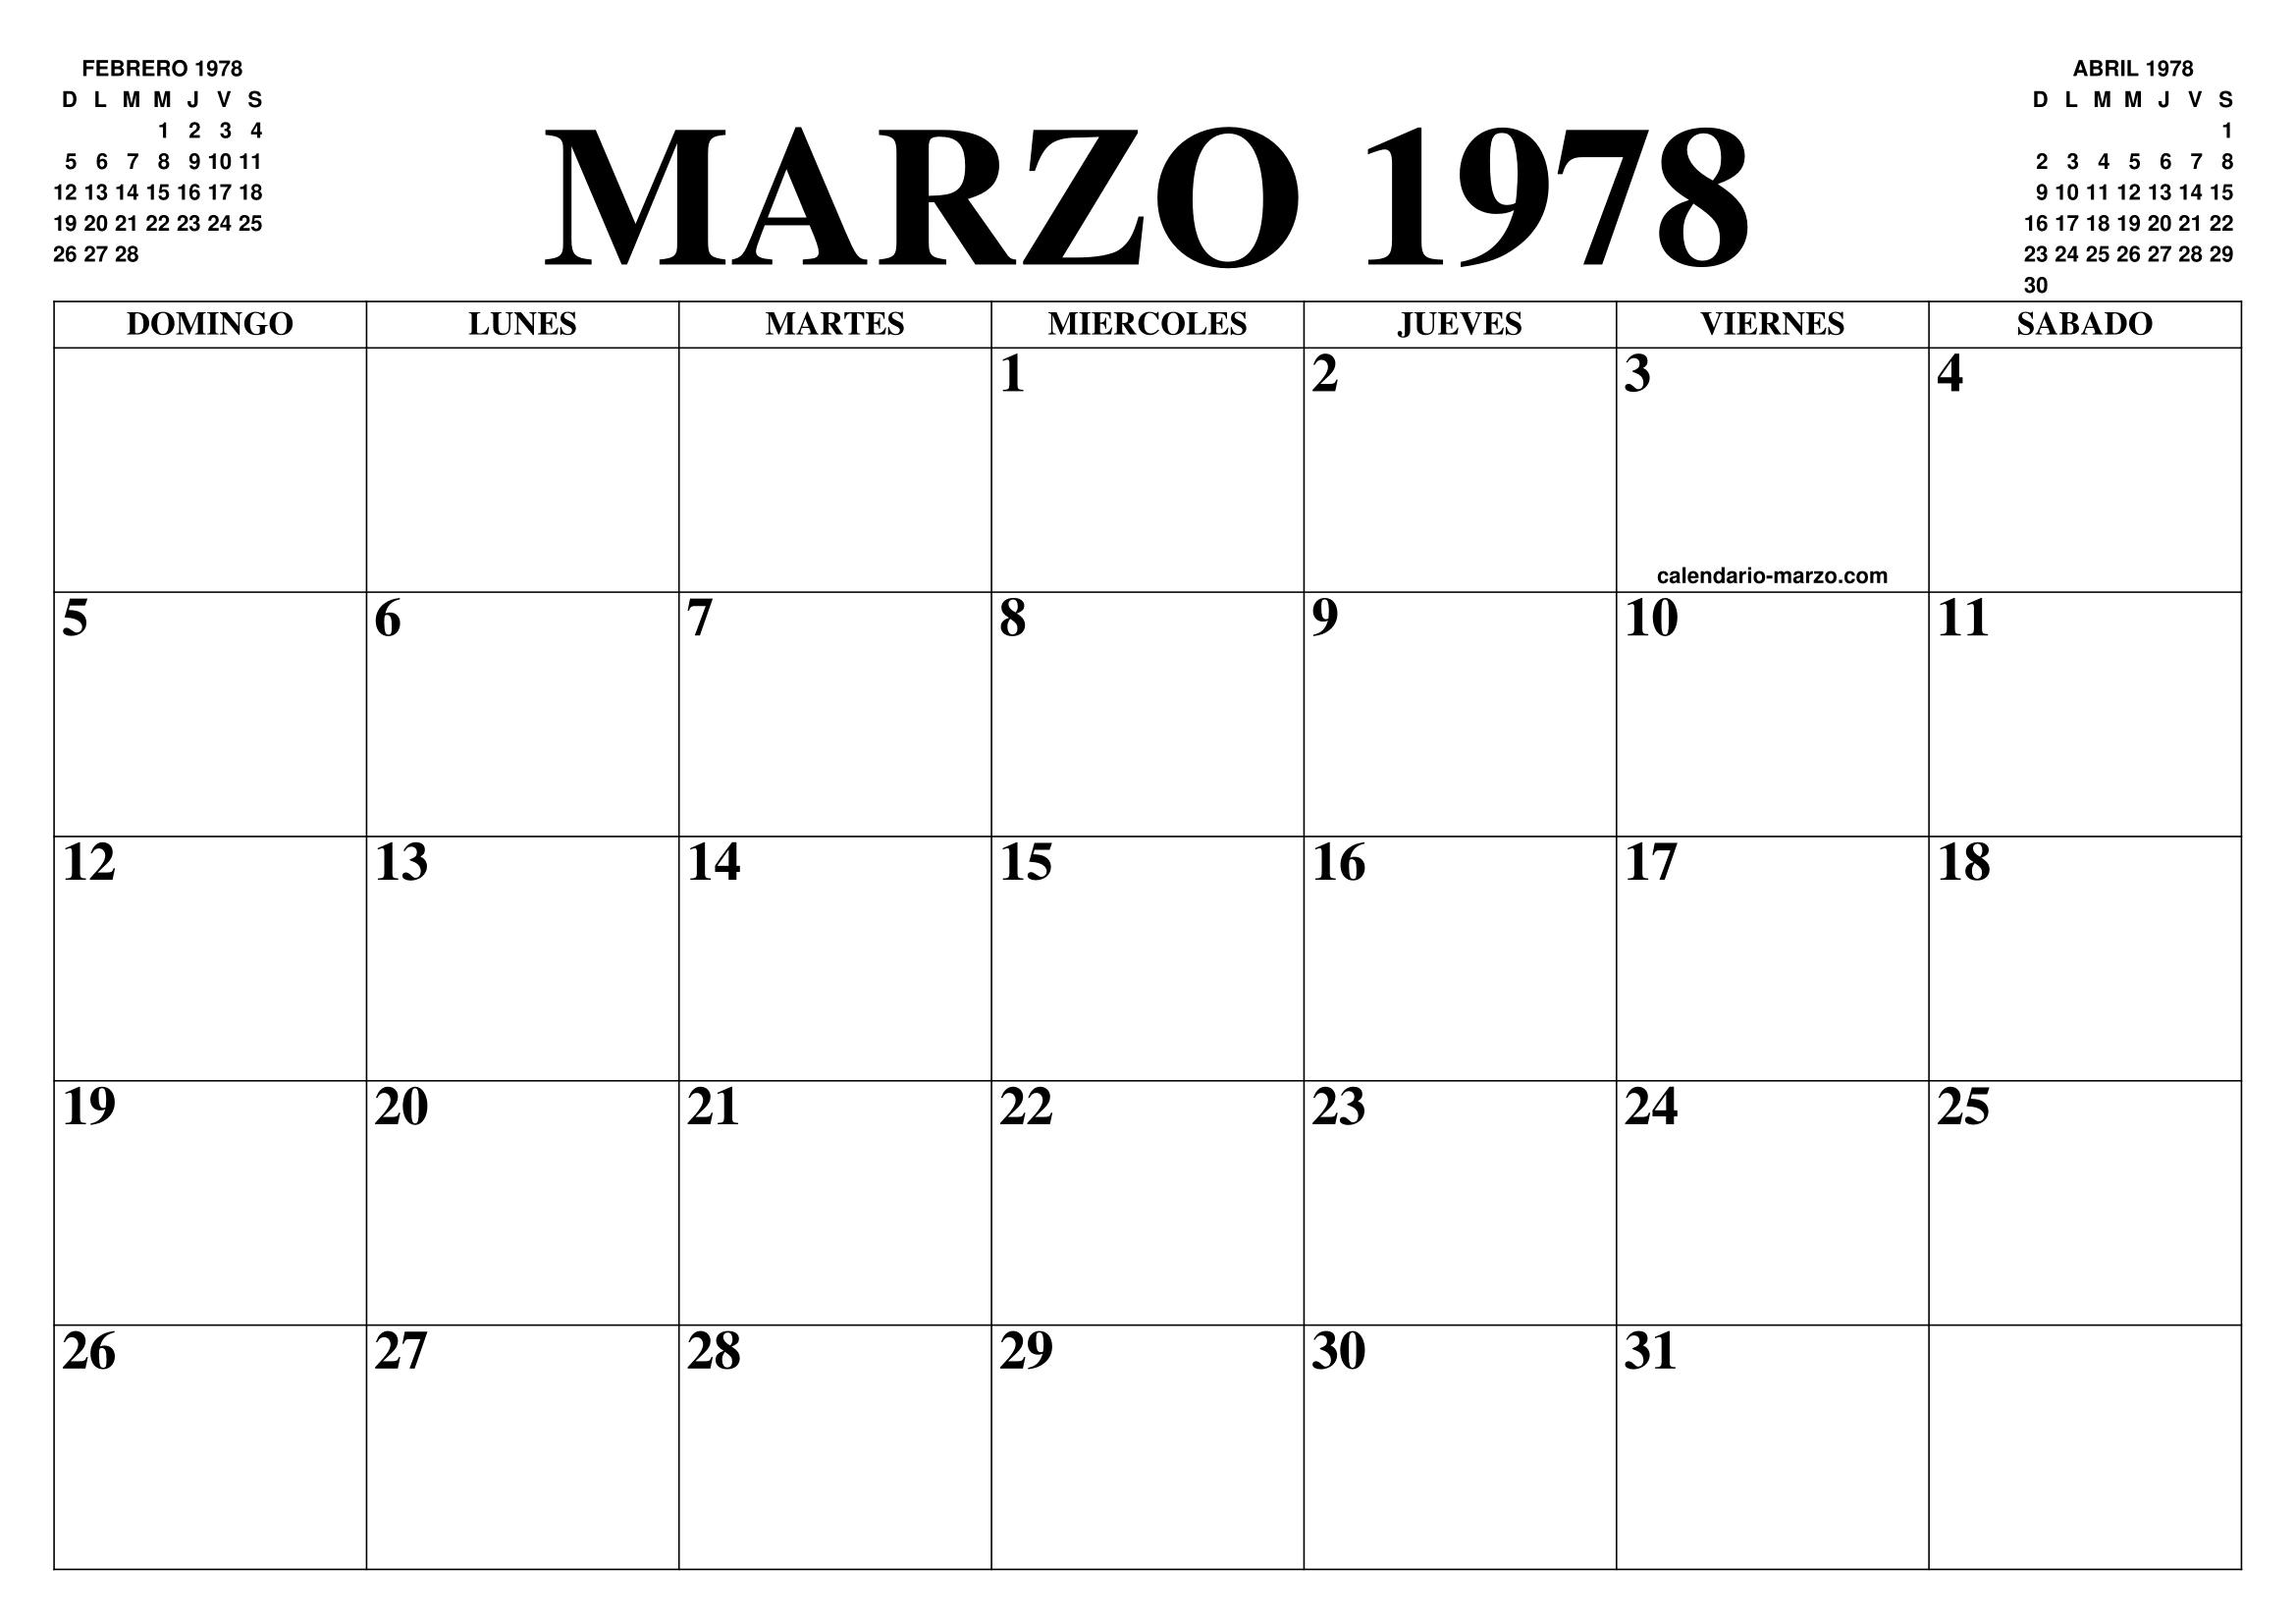 Calendario De 1978.Calendario Marzo 1978 El Calendario Marzo Para Imprimir